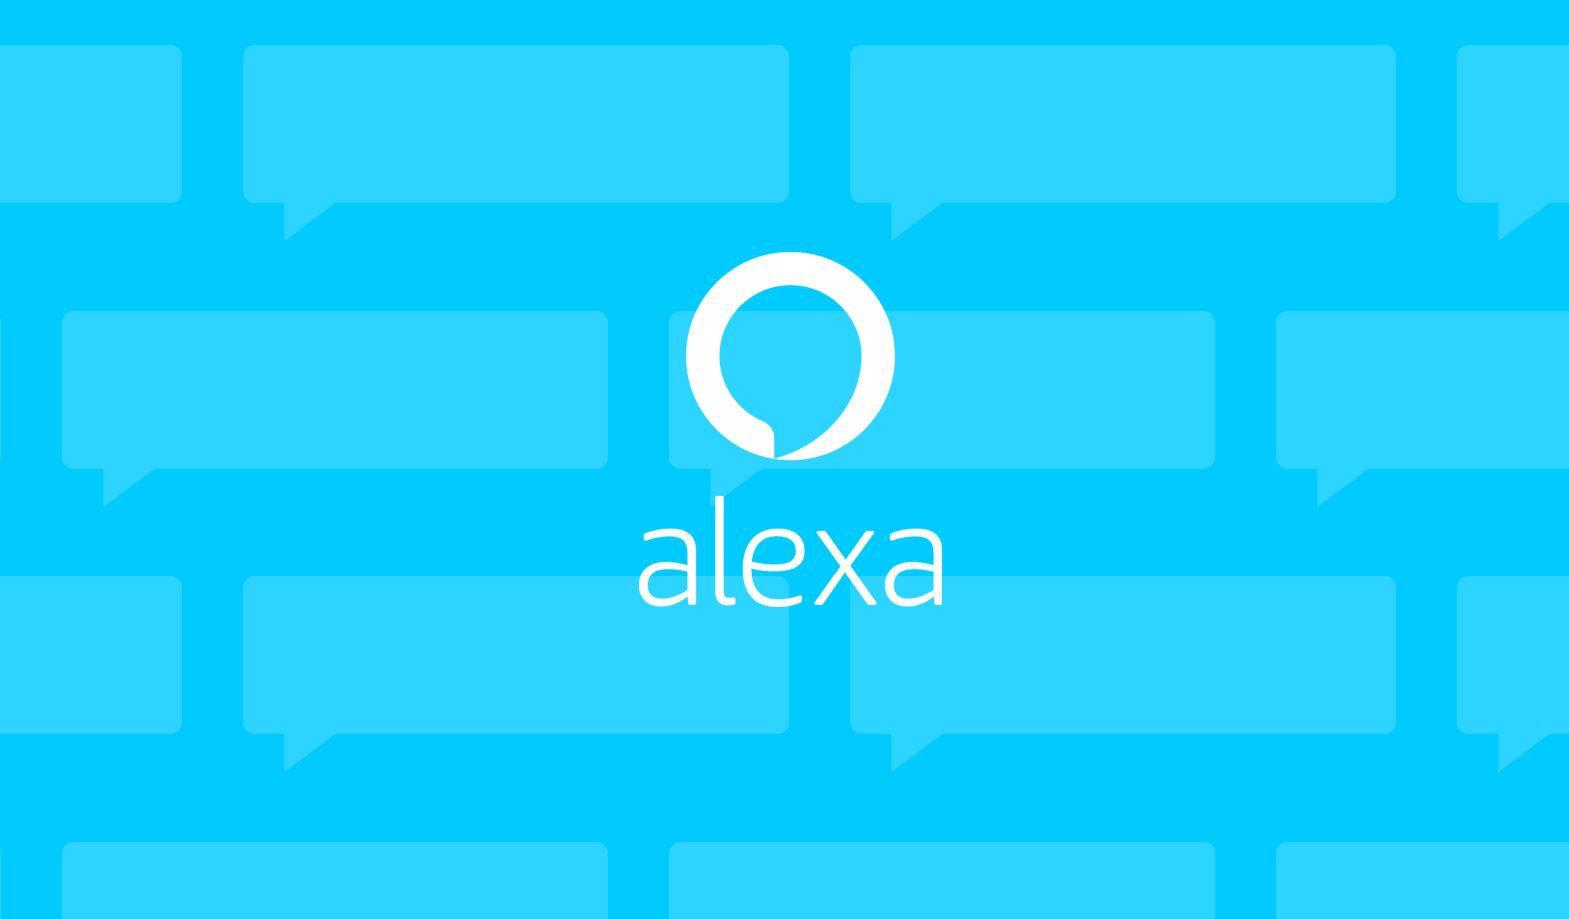 Alexa finalmente obtém suporte mãos-livres no Windows 10